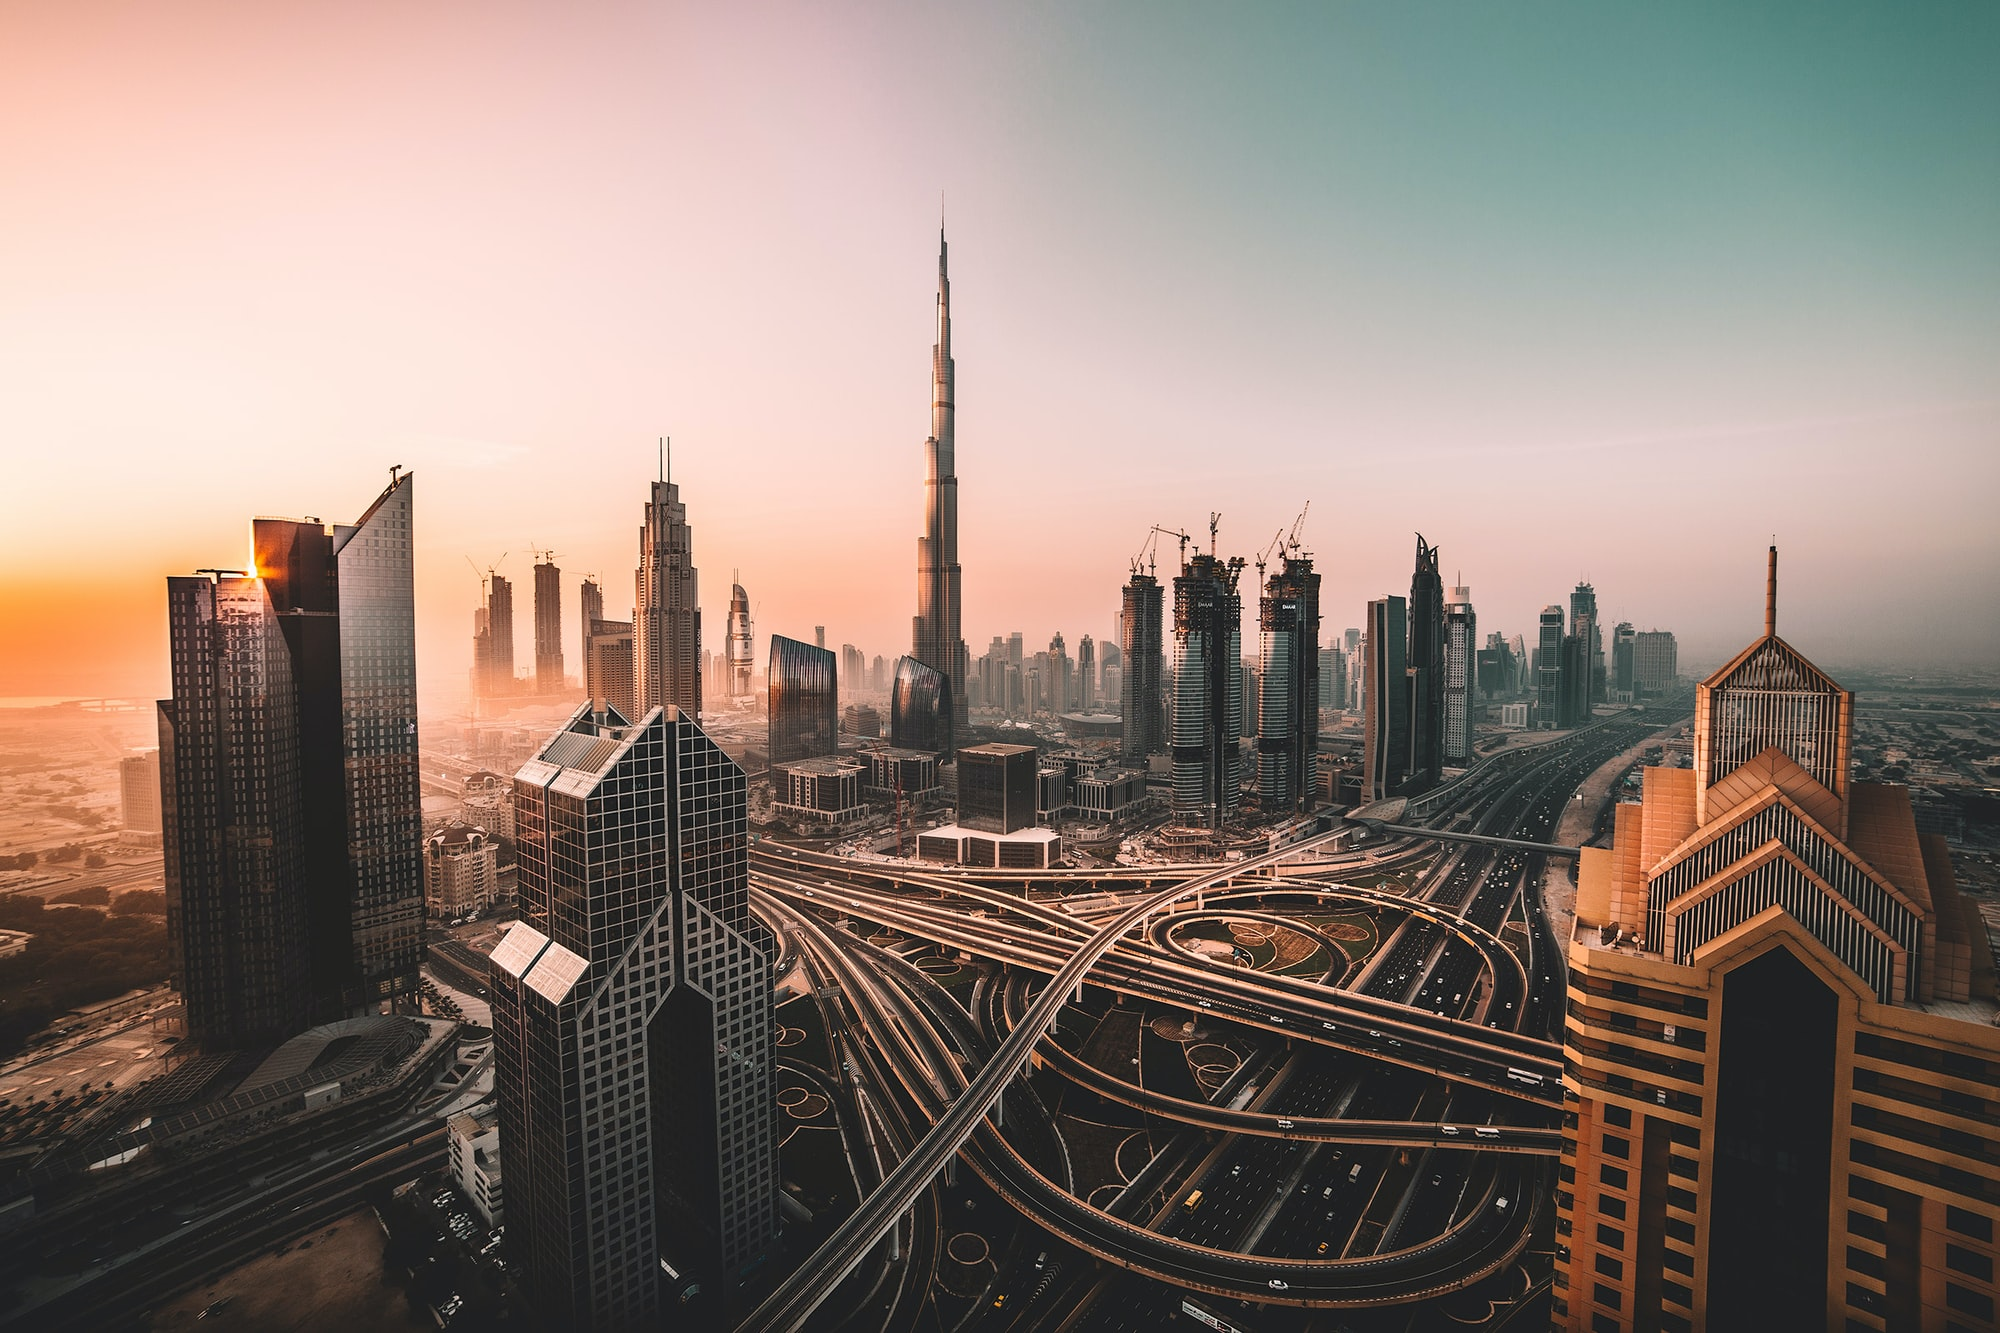 दुबई ने विदेशों में फंसे लोगों के एक्सपायर्ड रेजिडेंसी वीजा की अवधि बढ़ाई